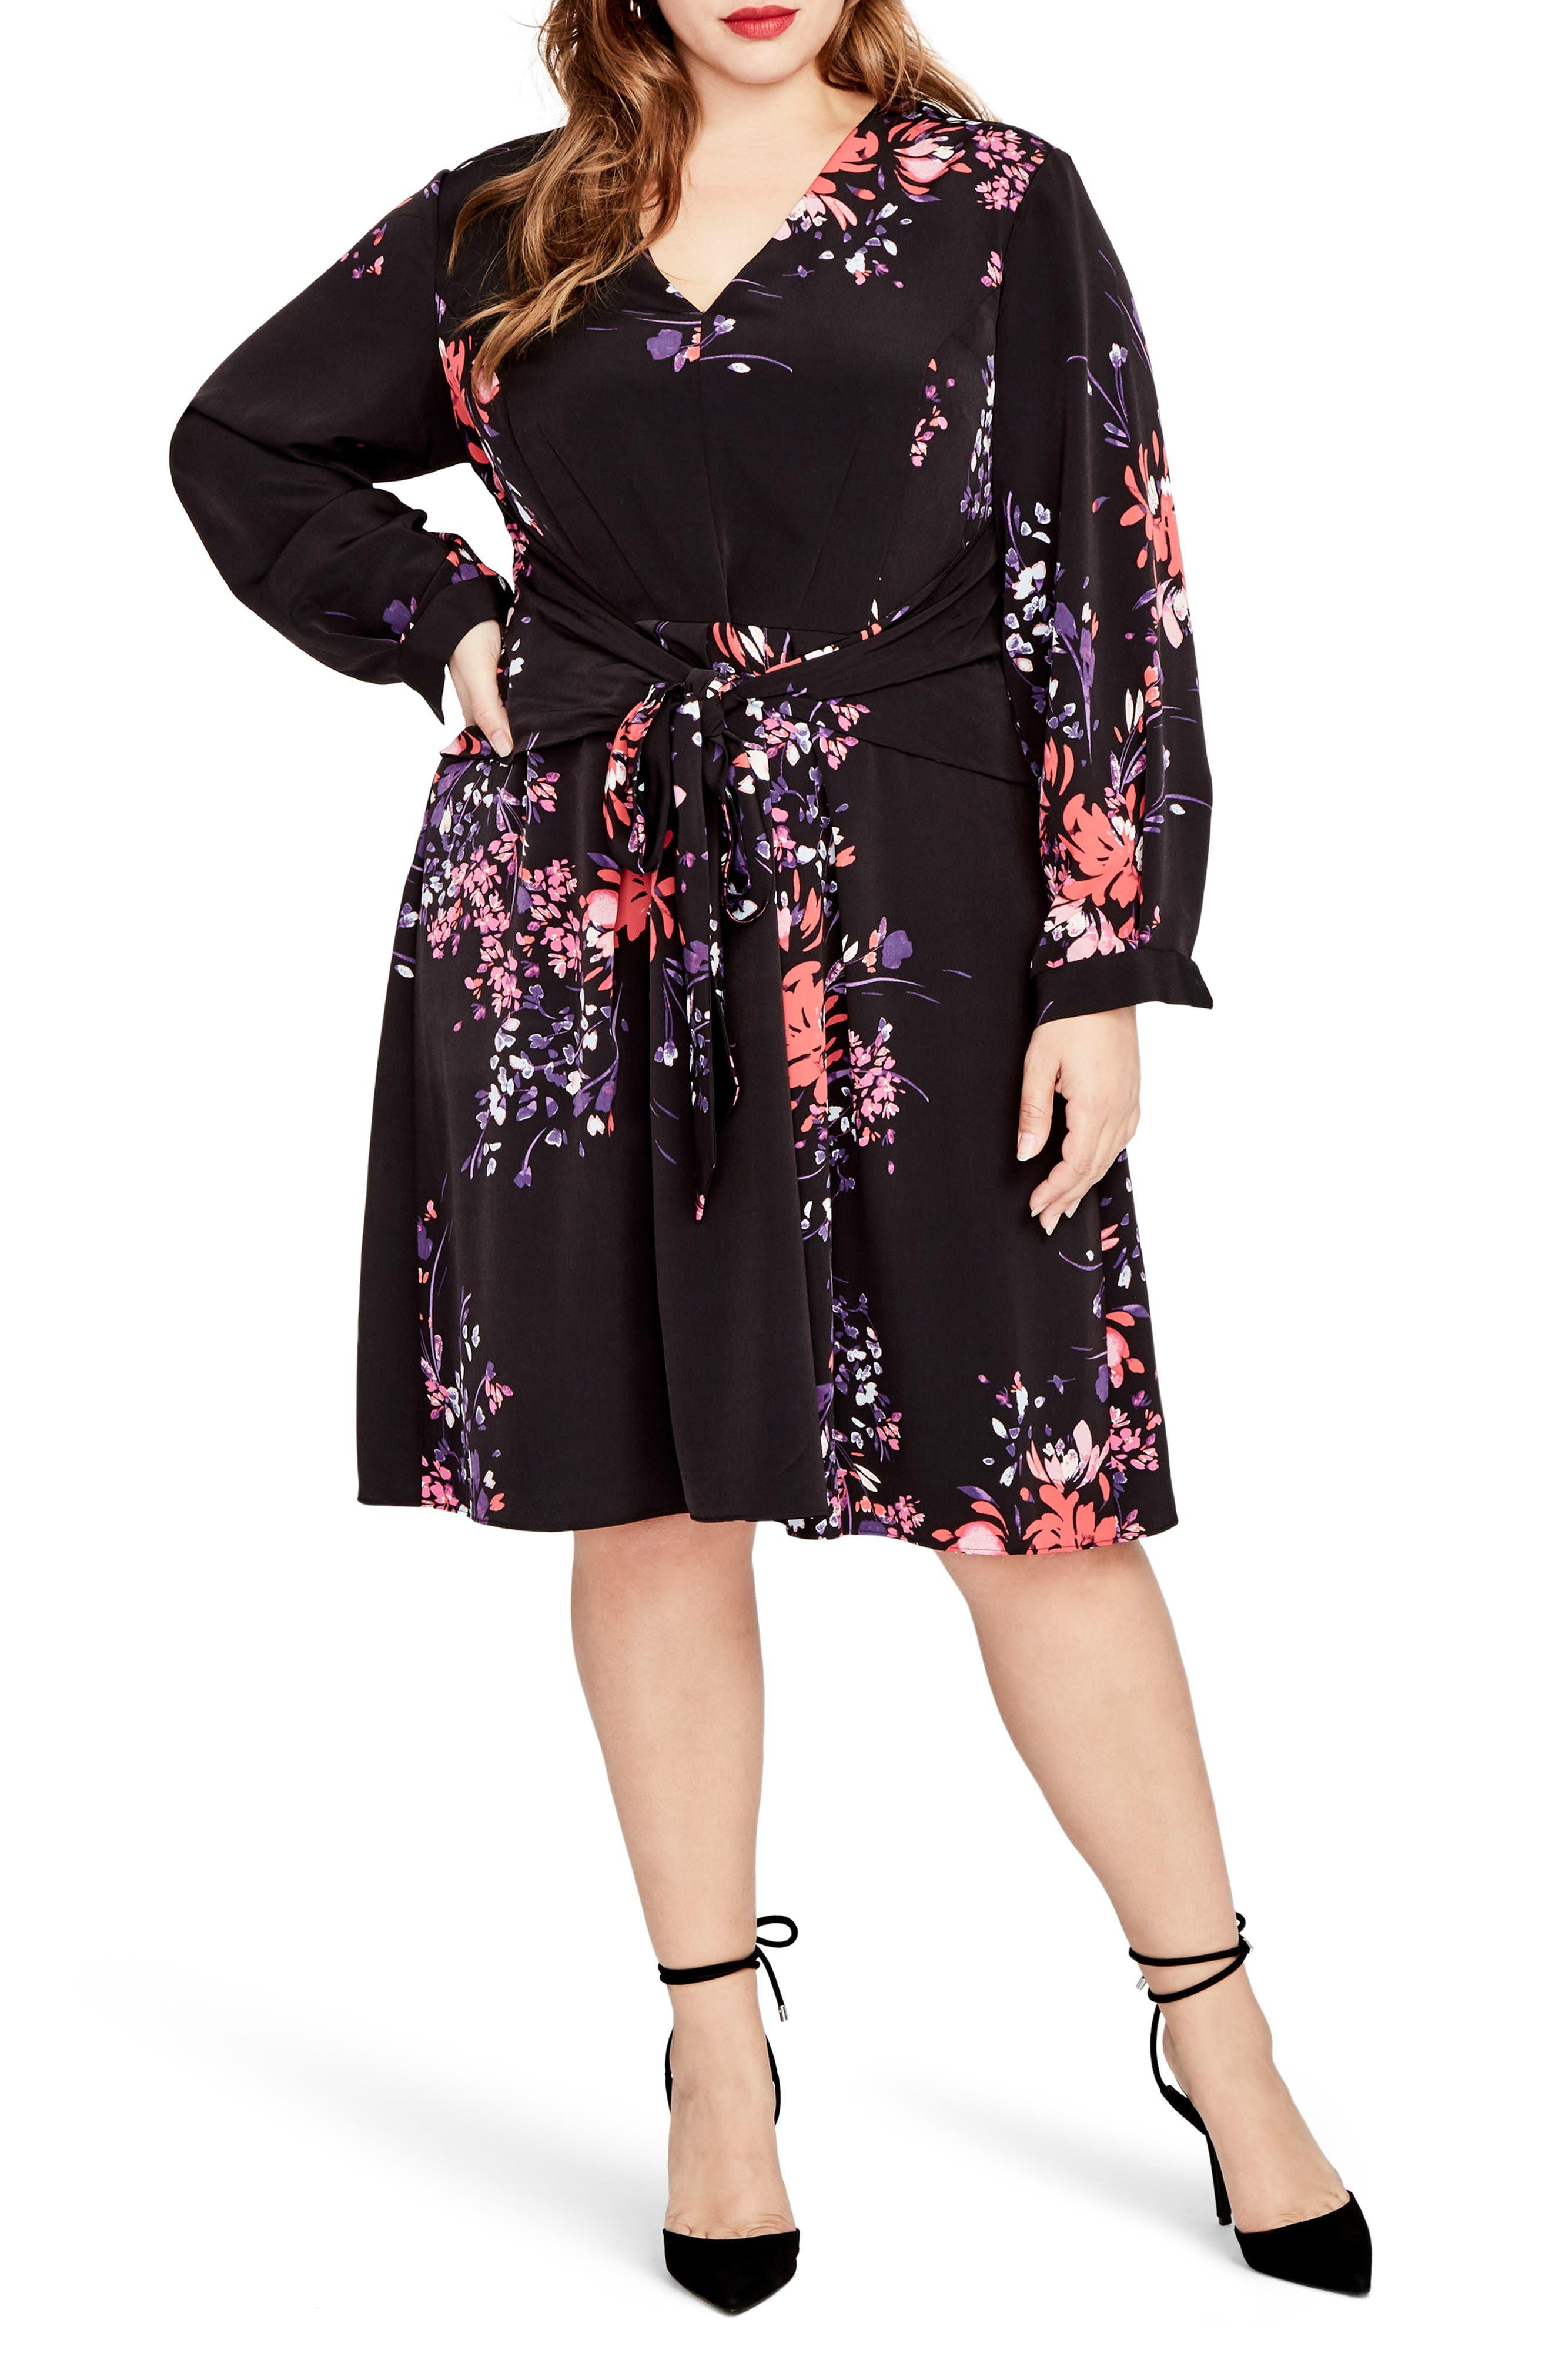 Alternate Image 1 Selected - RACHEL Rachel Roy Tie Front Floral Dress (Plus Size)